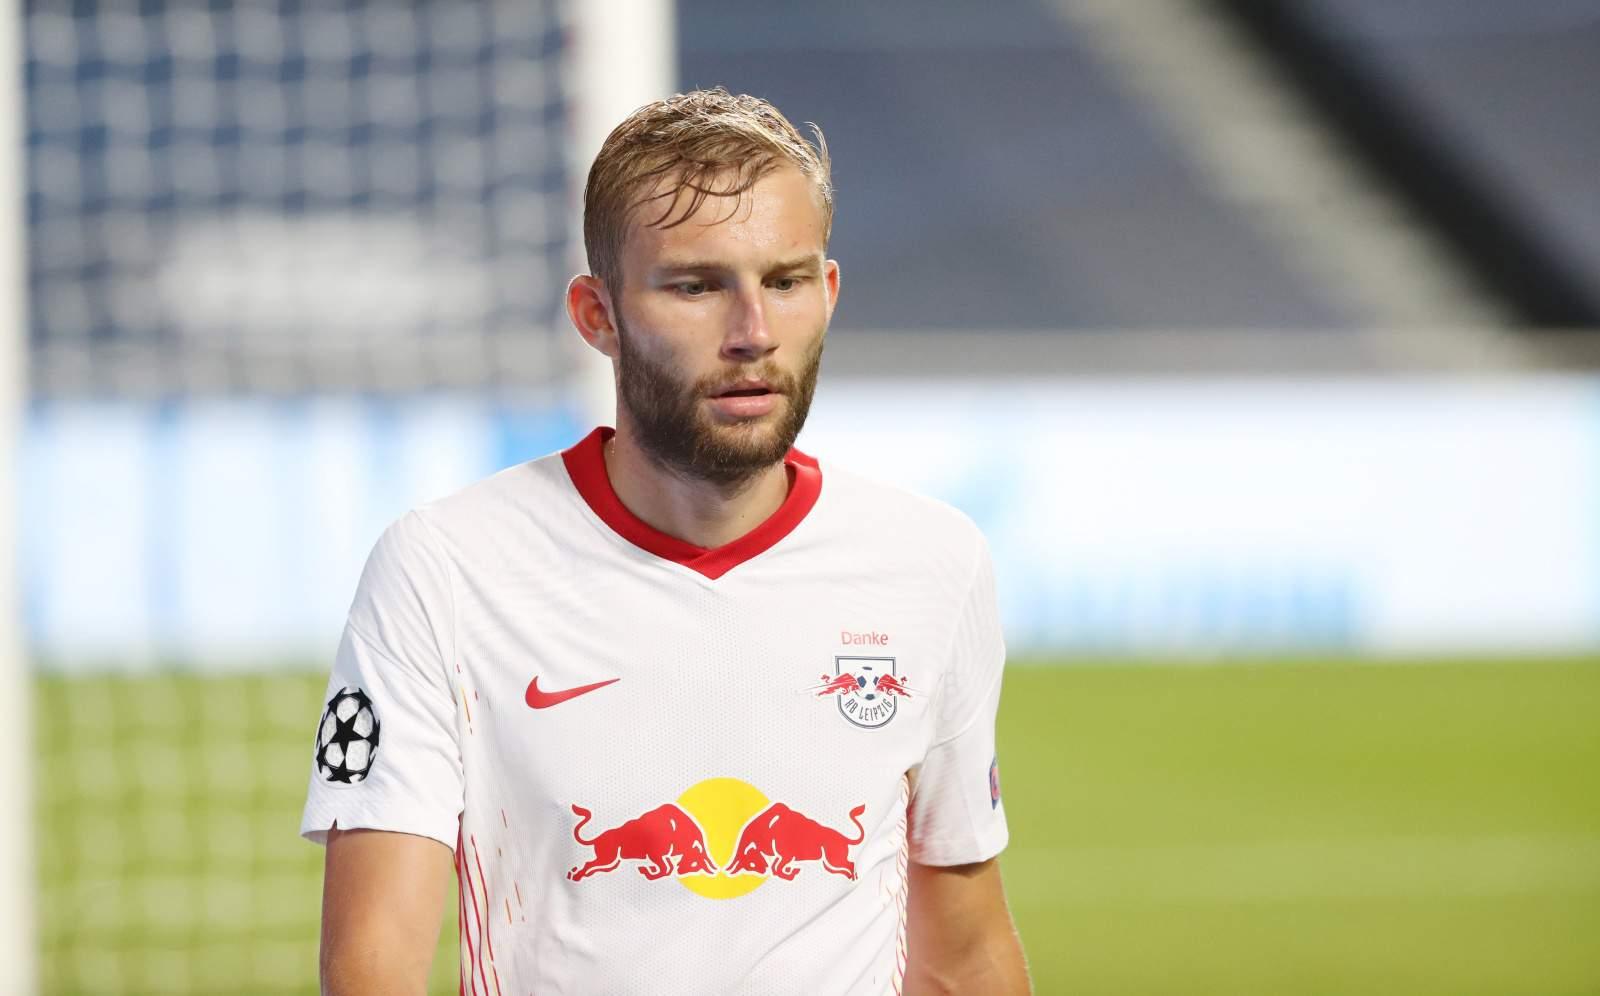 Лаймер посвятил гол в ворота сборной Северной Македонии Эриксену